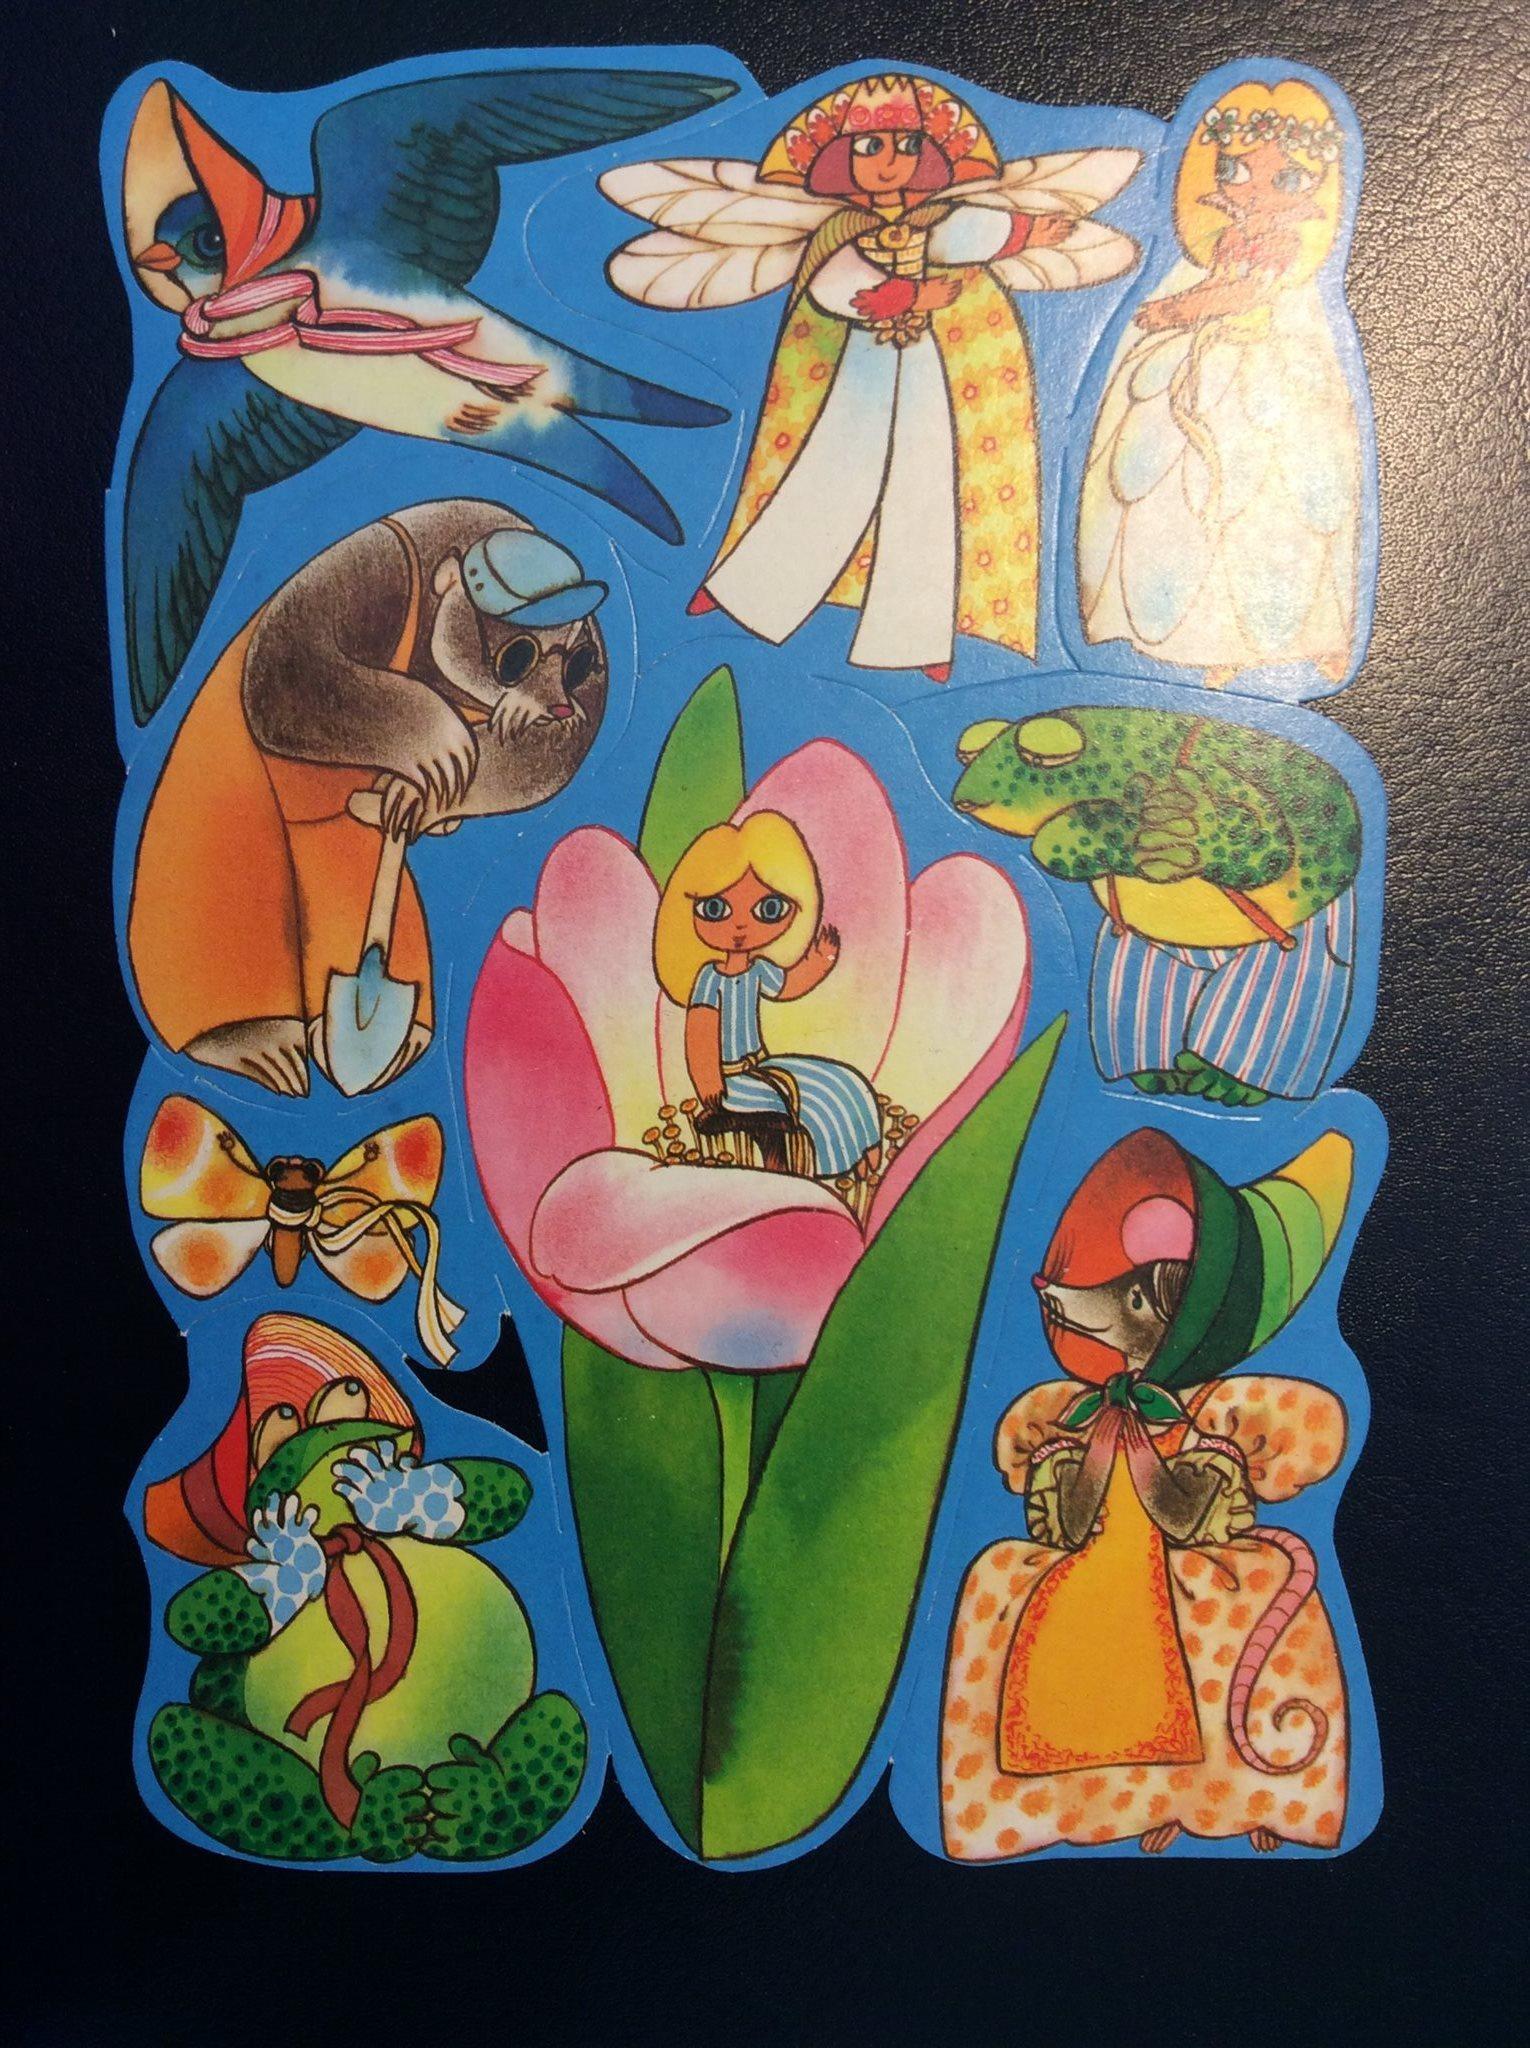 Aldre Karta Bokmarken Planet Verlag Nr 957 Rb 5 309006419 ᐈ Kop